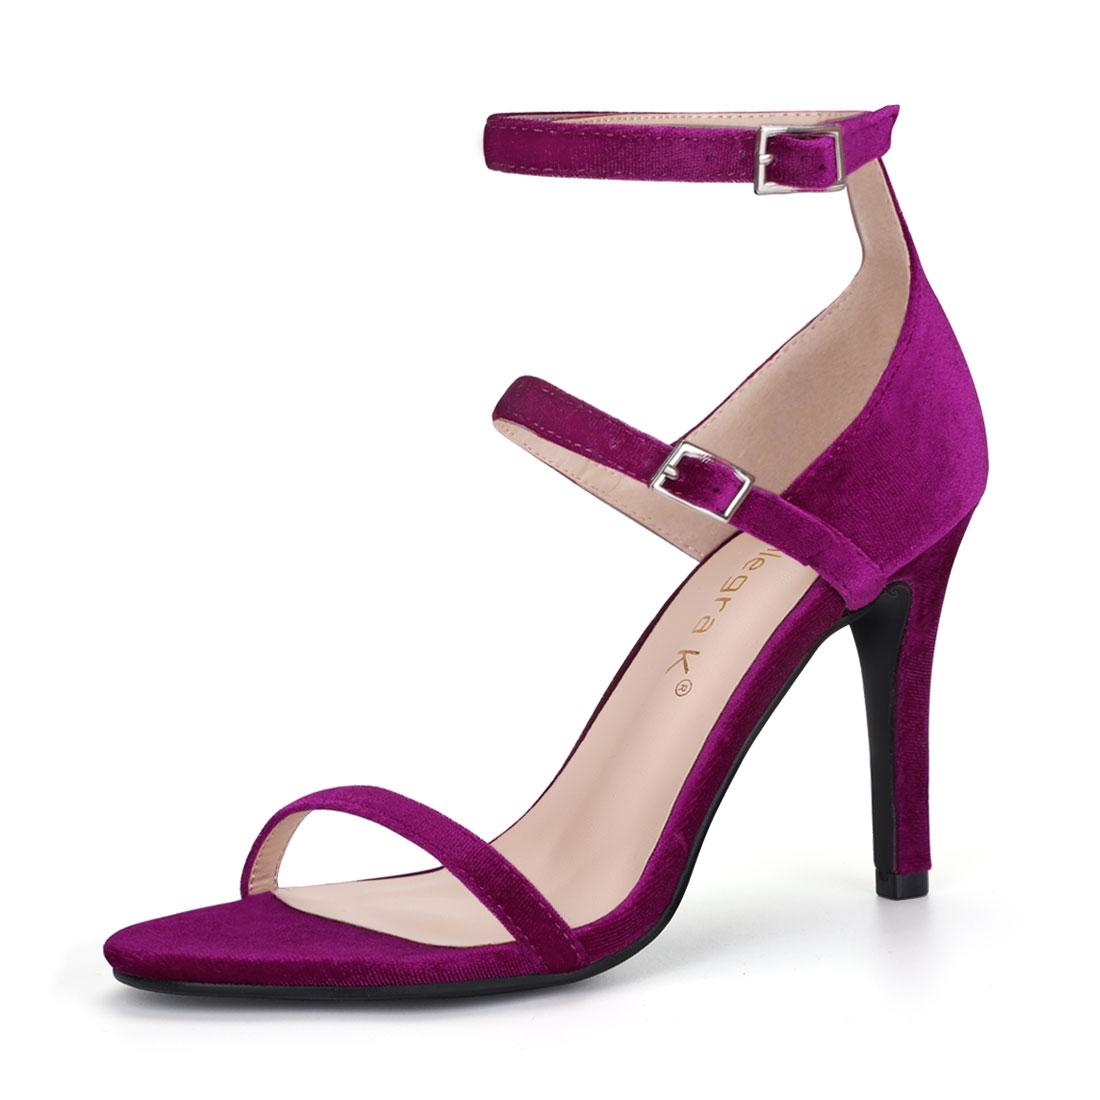 Women Open Toe Double Ankle Strap Stiletto Heel Sandals Purple US 10